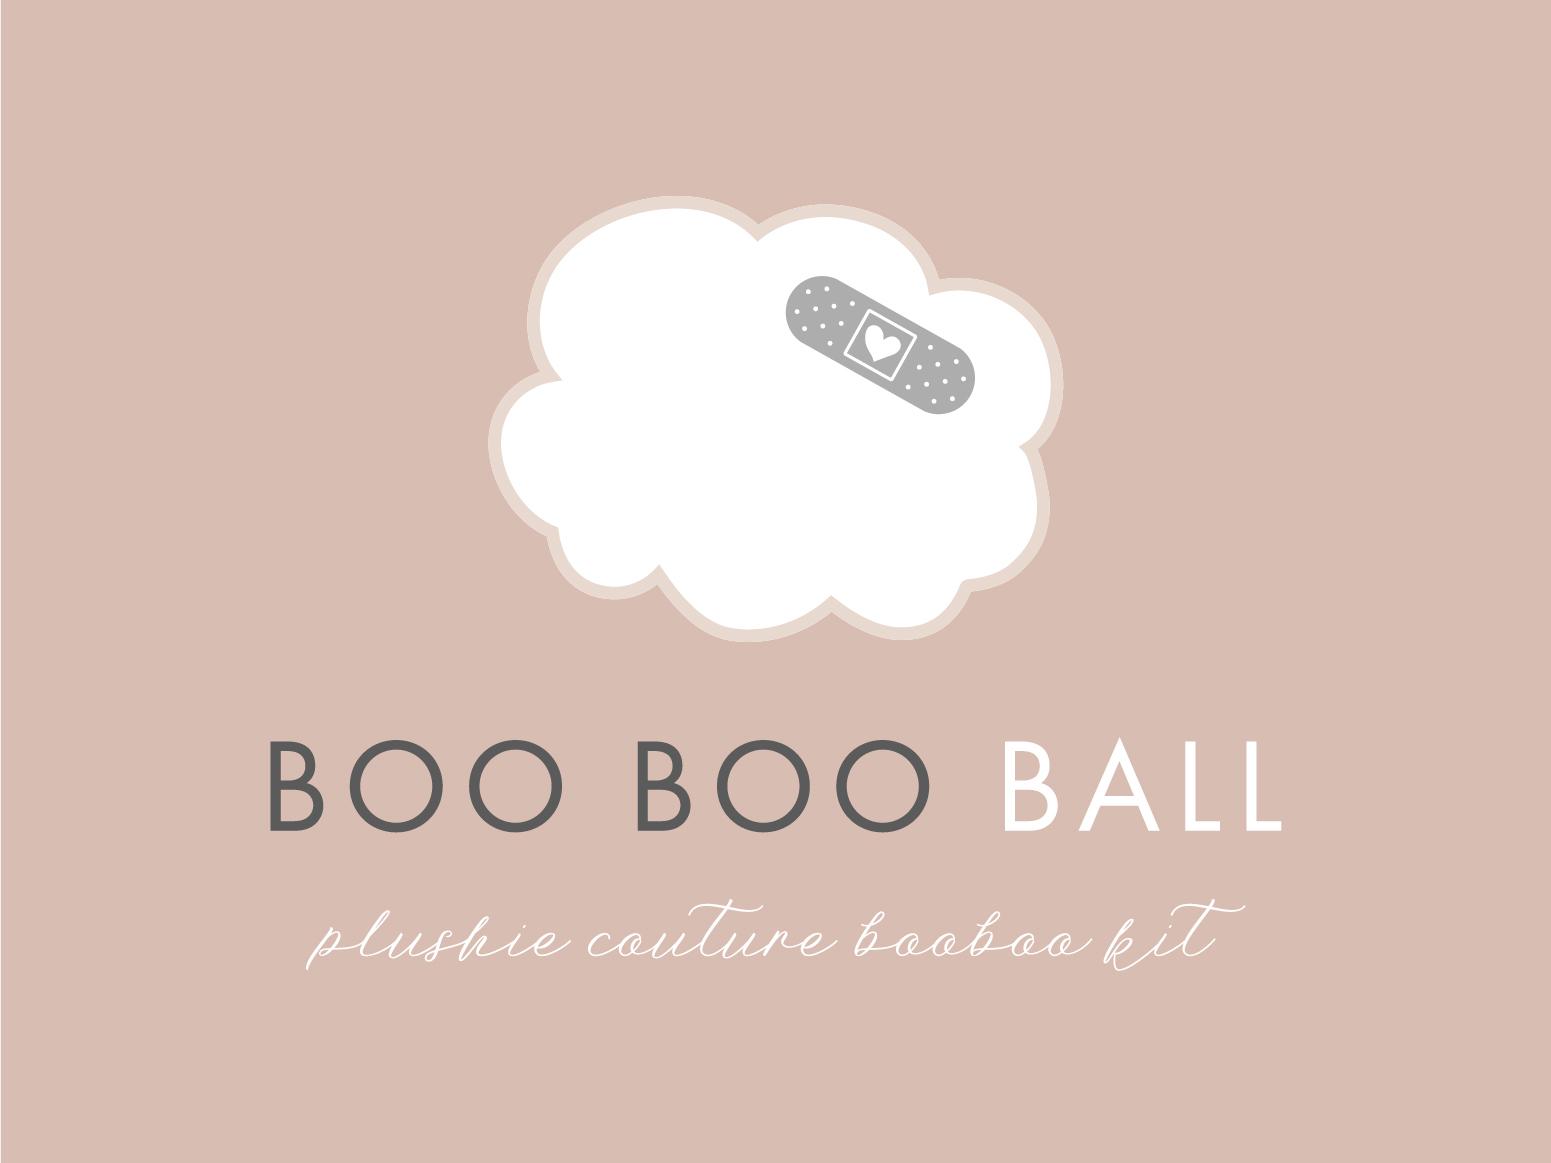 Boo Boo Ball Logo feminine logo design modern logo feminine logo branding logo design